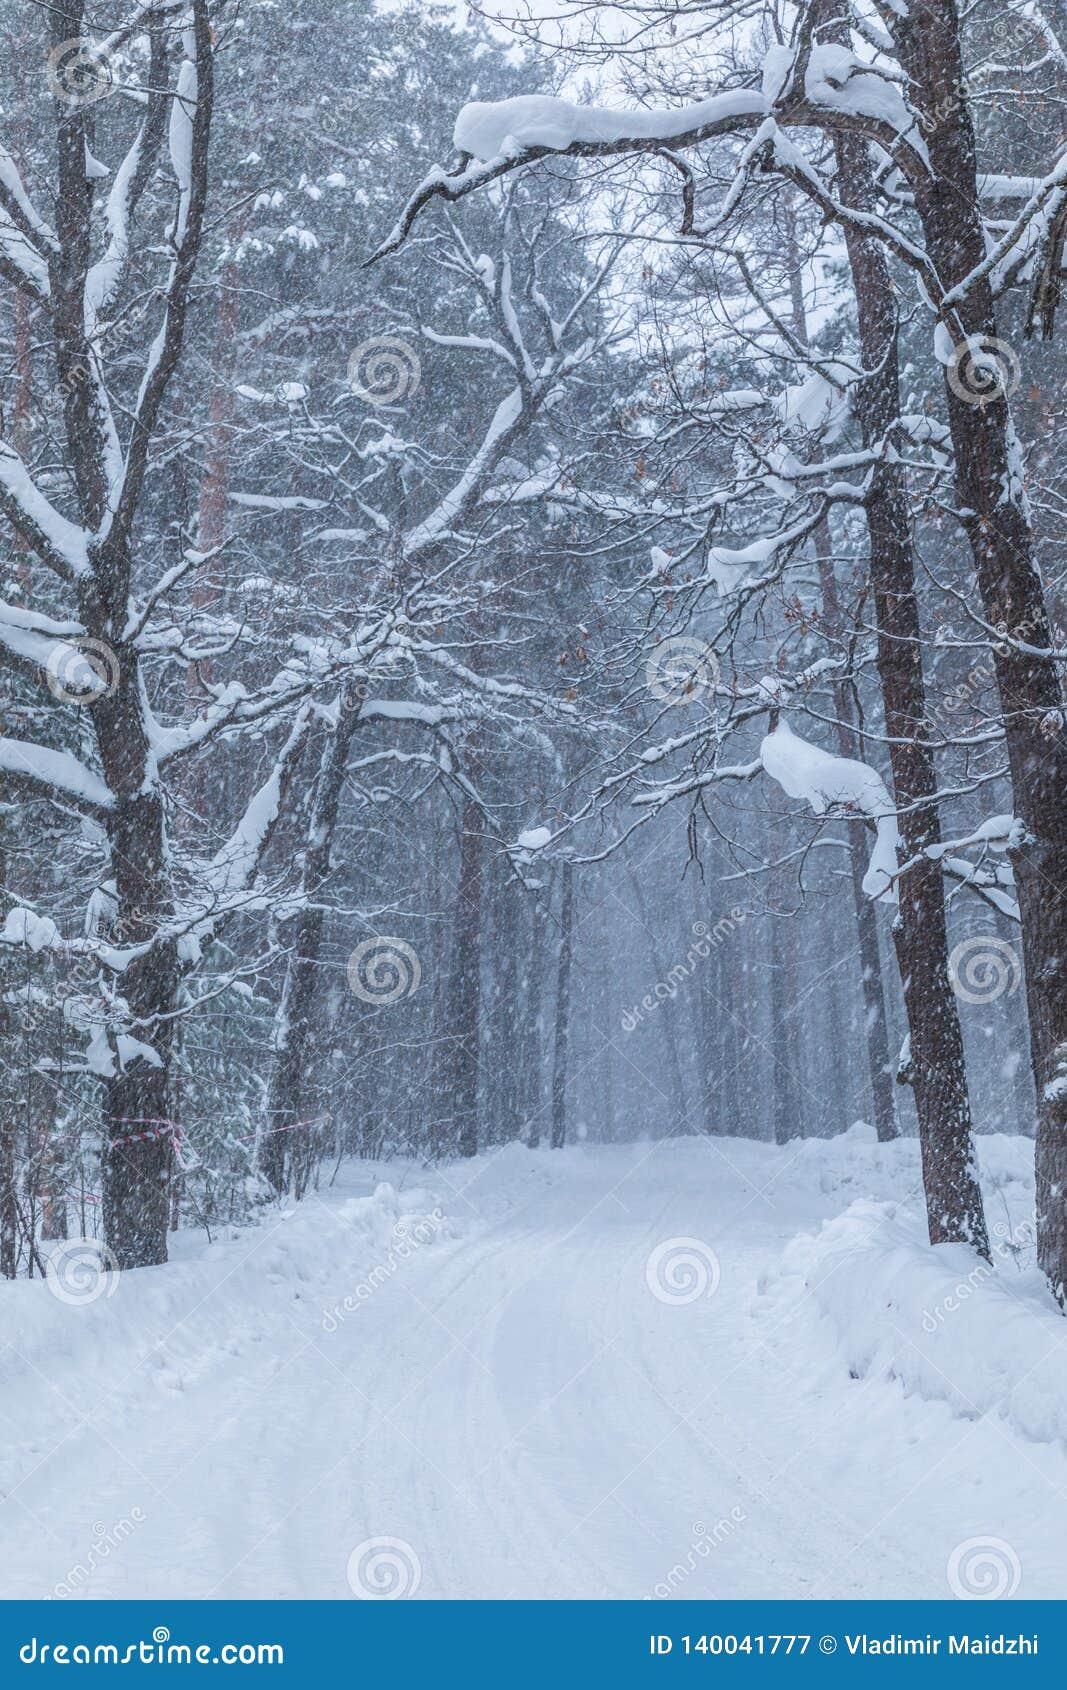 La ventisca en el bosque o el parque del invierno con la nieve que cae